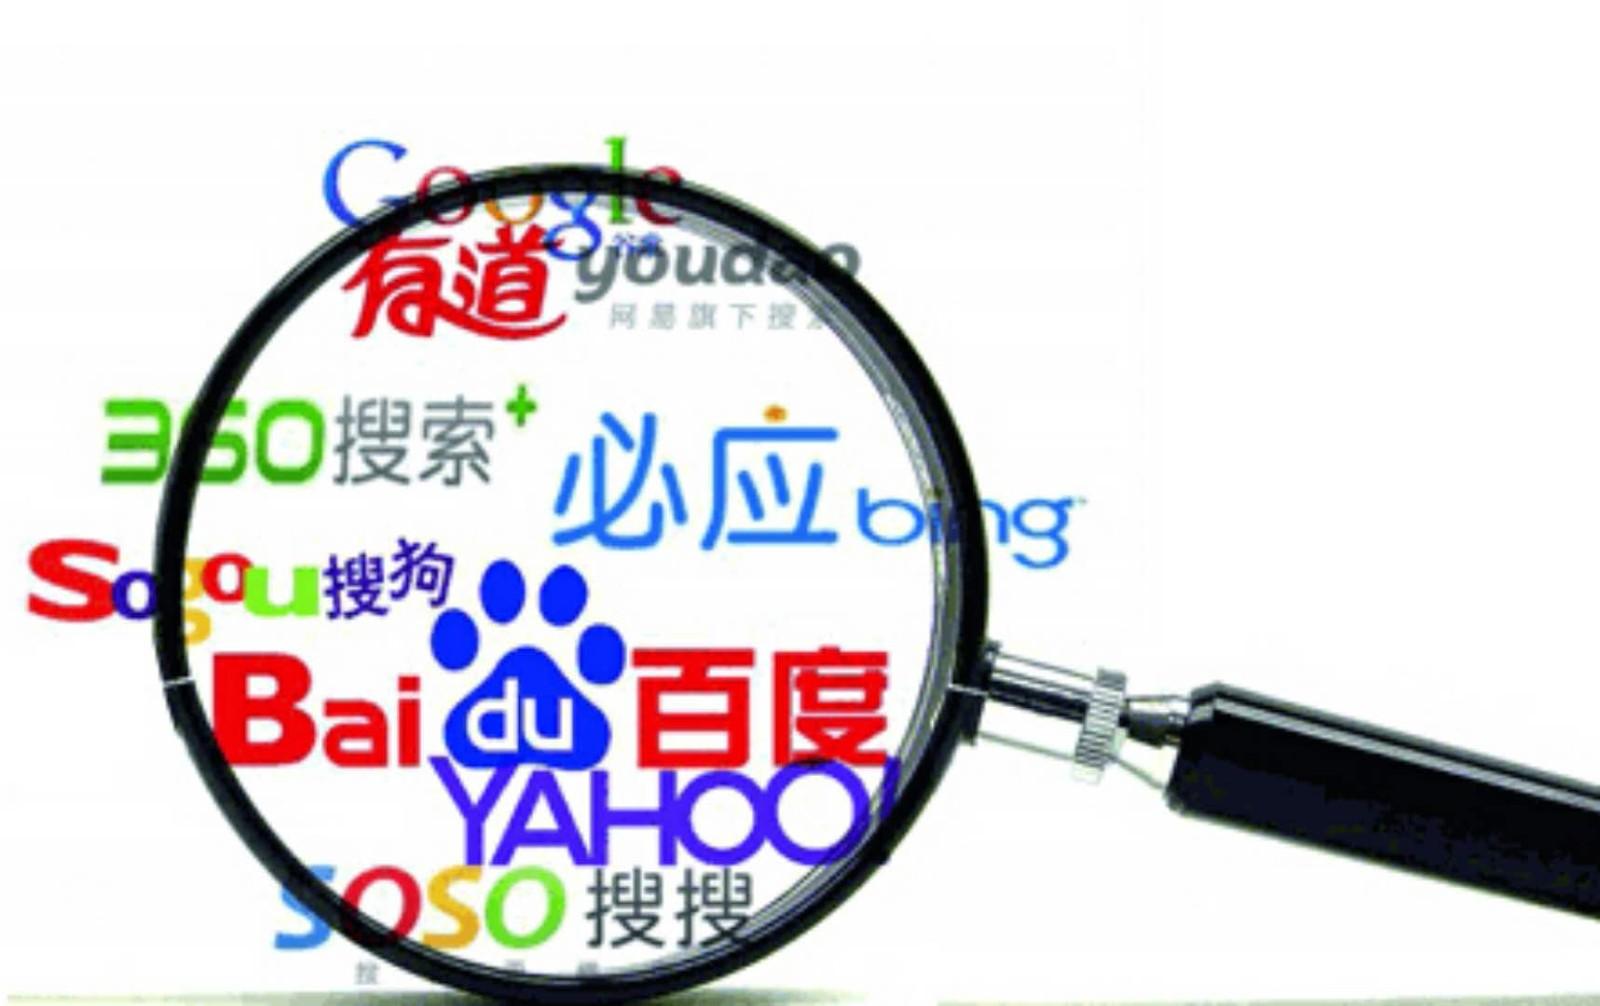 360关键词-深圳百度排名推荐-深圳市小蚁人科技文化发展有限公司